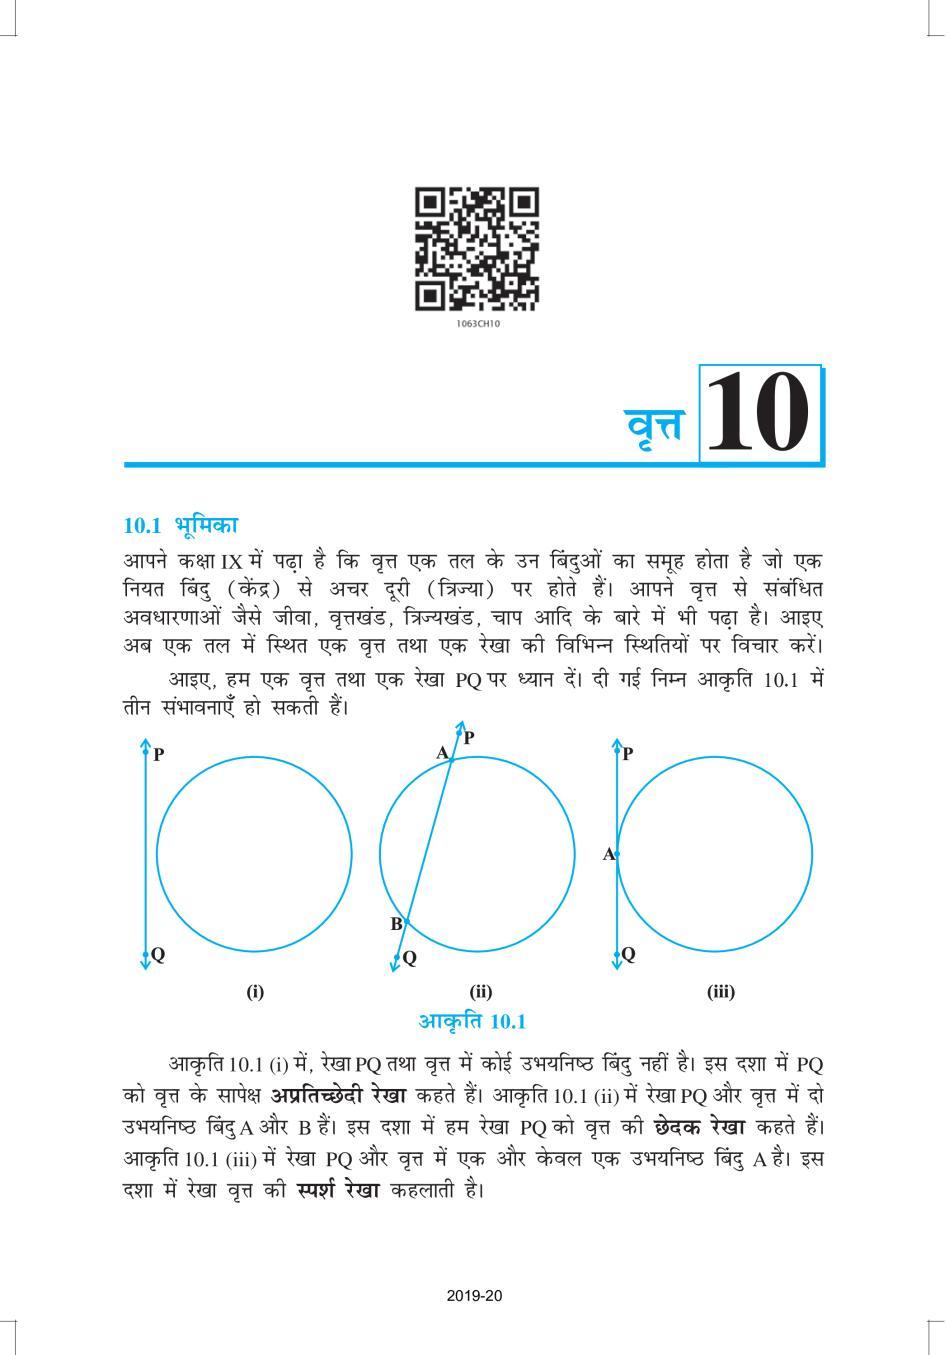 NCERT Book Class 10 Maths (गणित) Chapter 10 वृत्त - Page 1